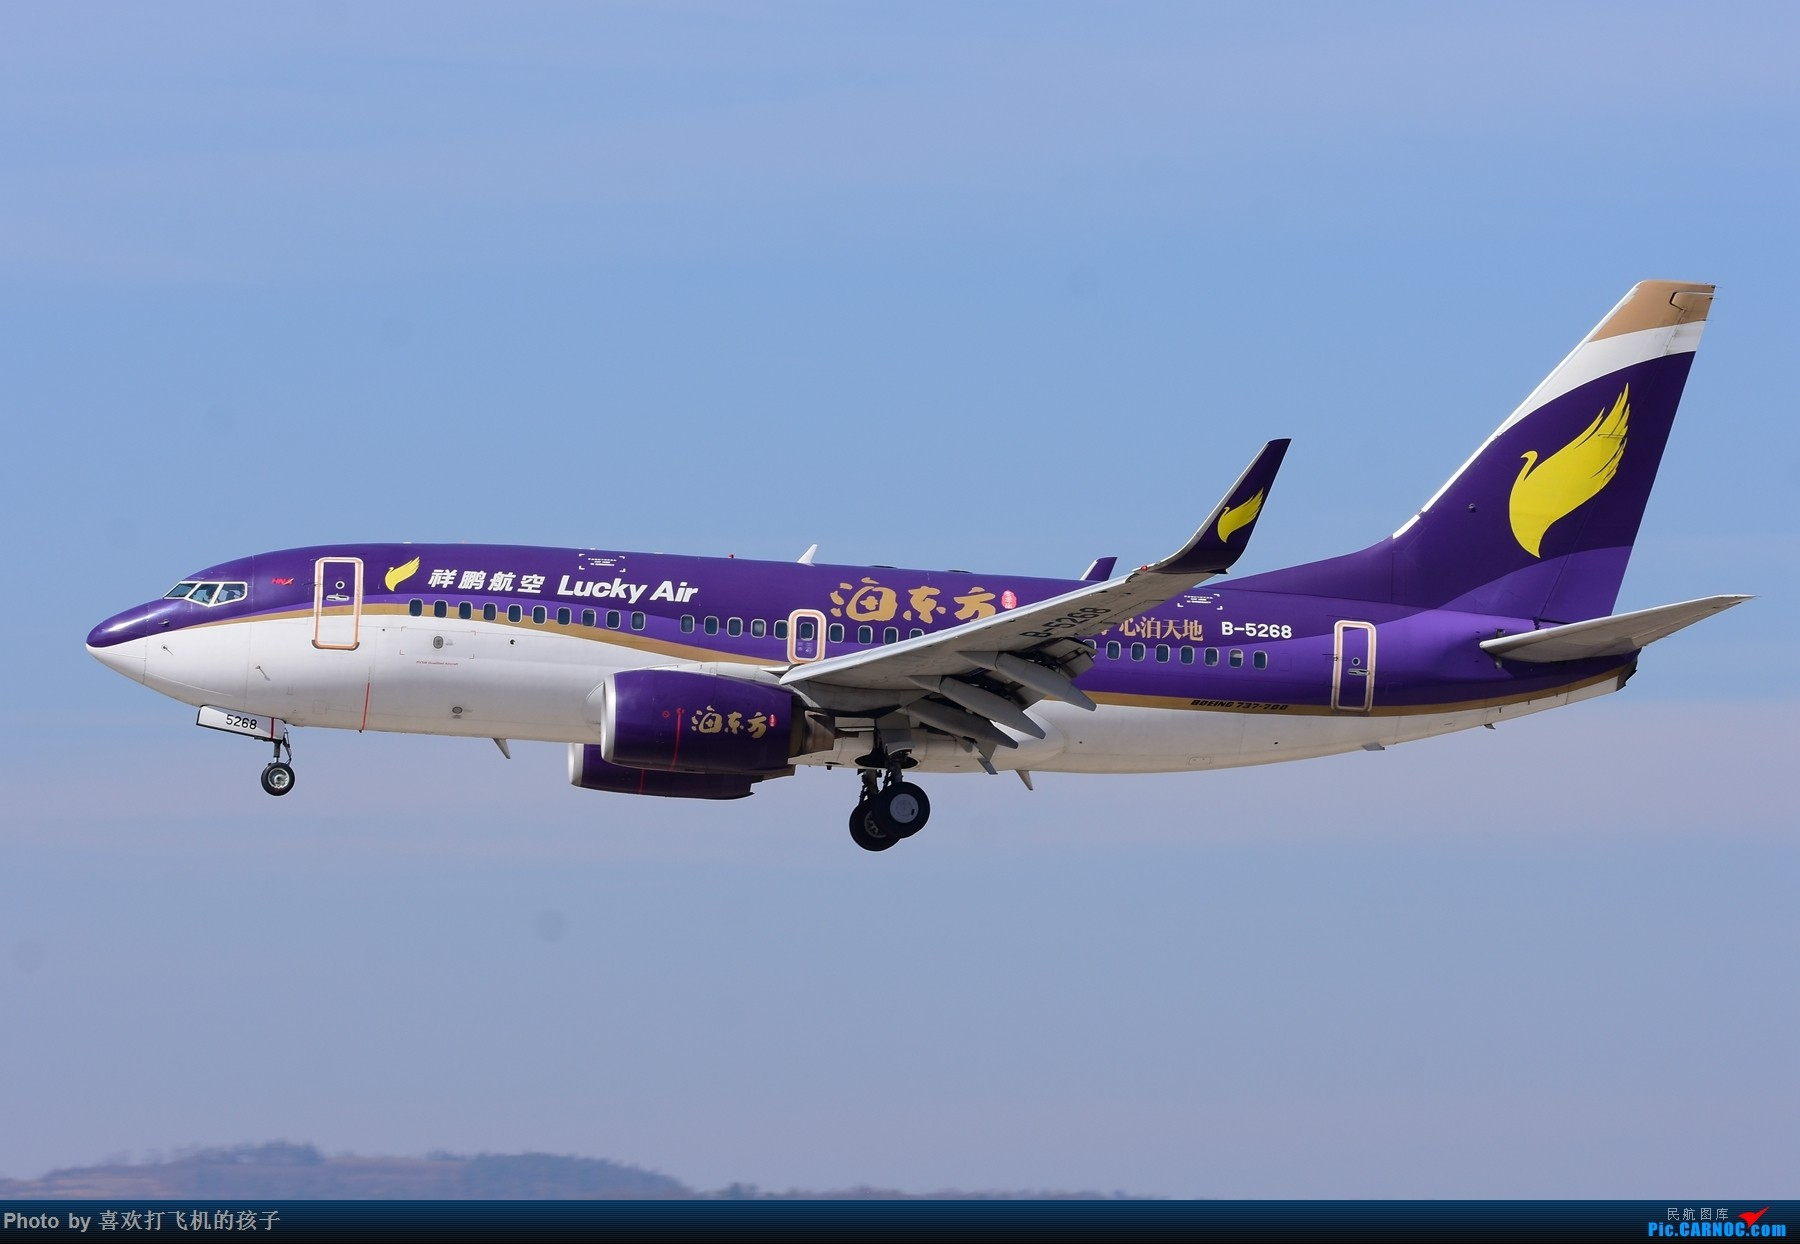 Re:[原创]【昆明飞友会】2017年最后一贴,昆明长水国际机场 BOEING 737-700 B-5268 中国昆明长水国际机场